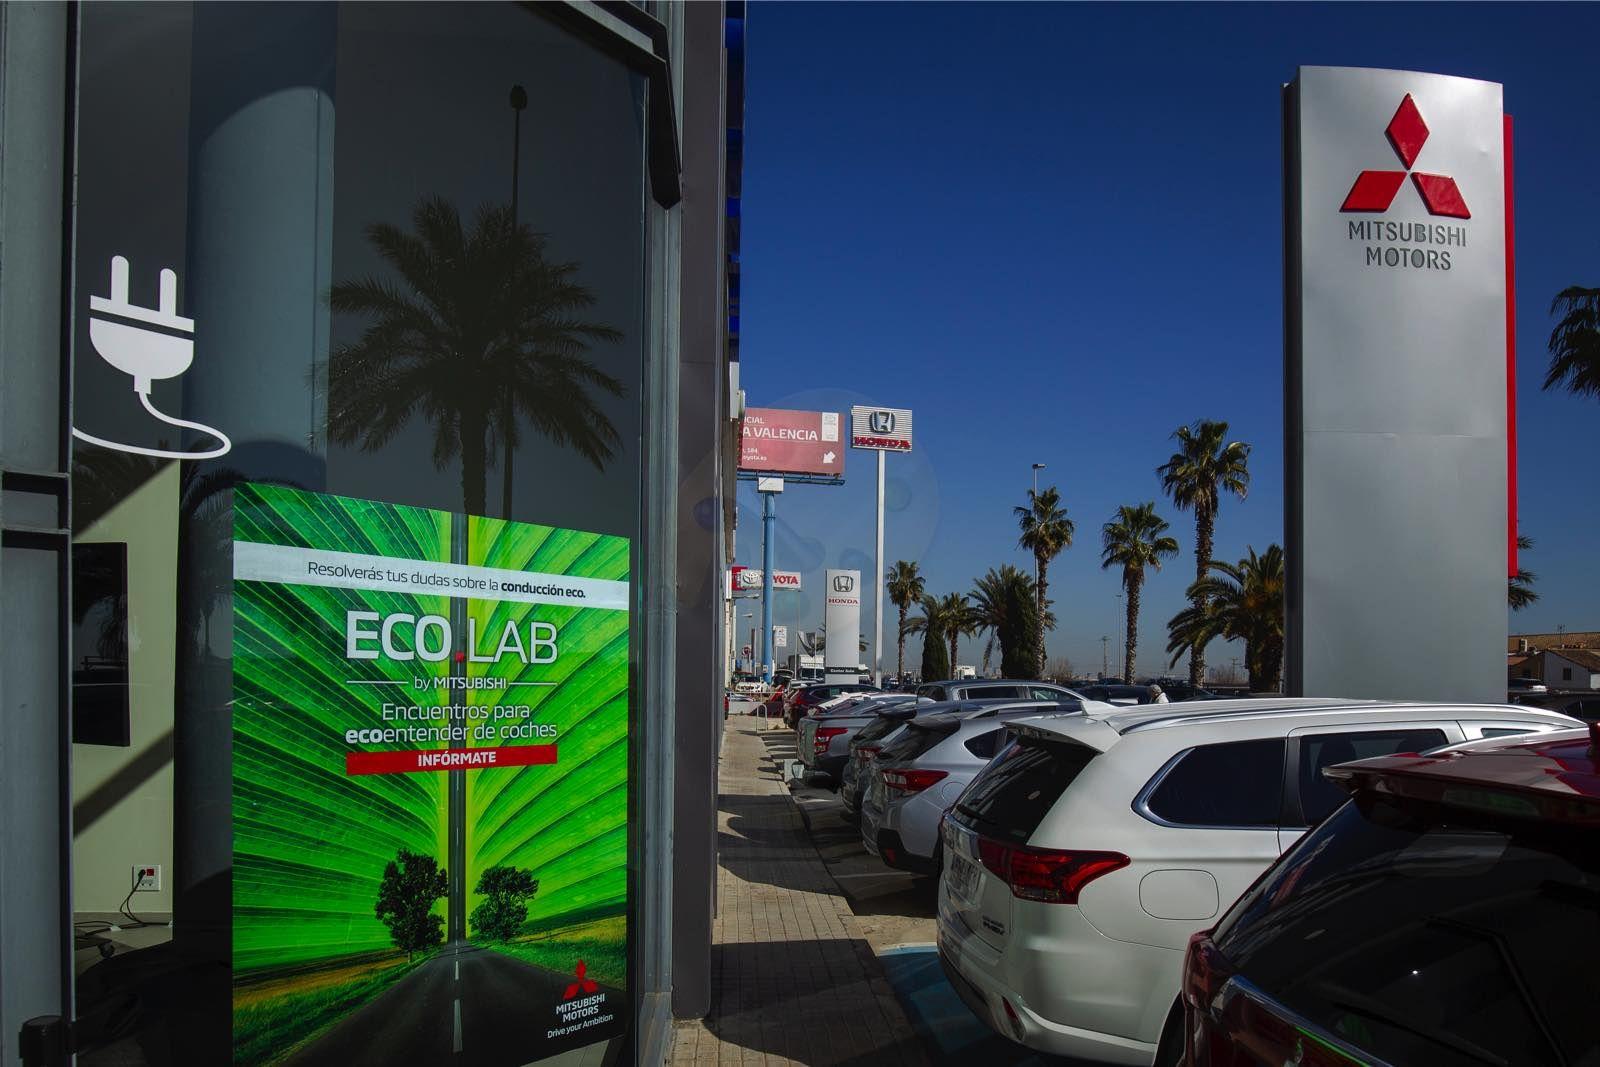 Mitsubishi Levante acoge EcoLab, un espacio de Mitsubishi Motors para ecoentender